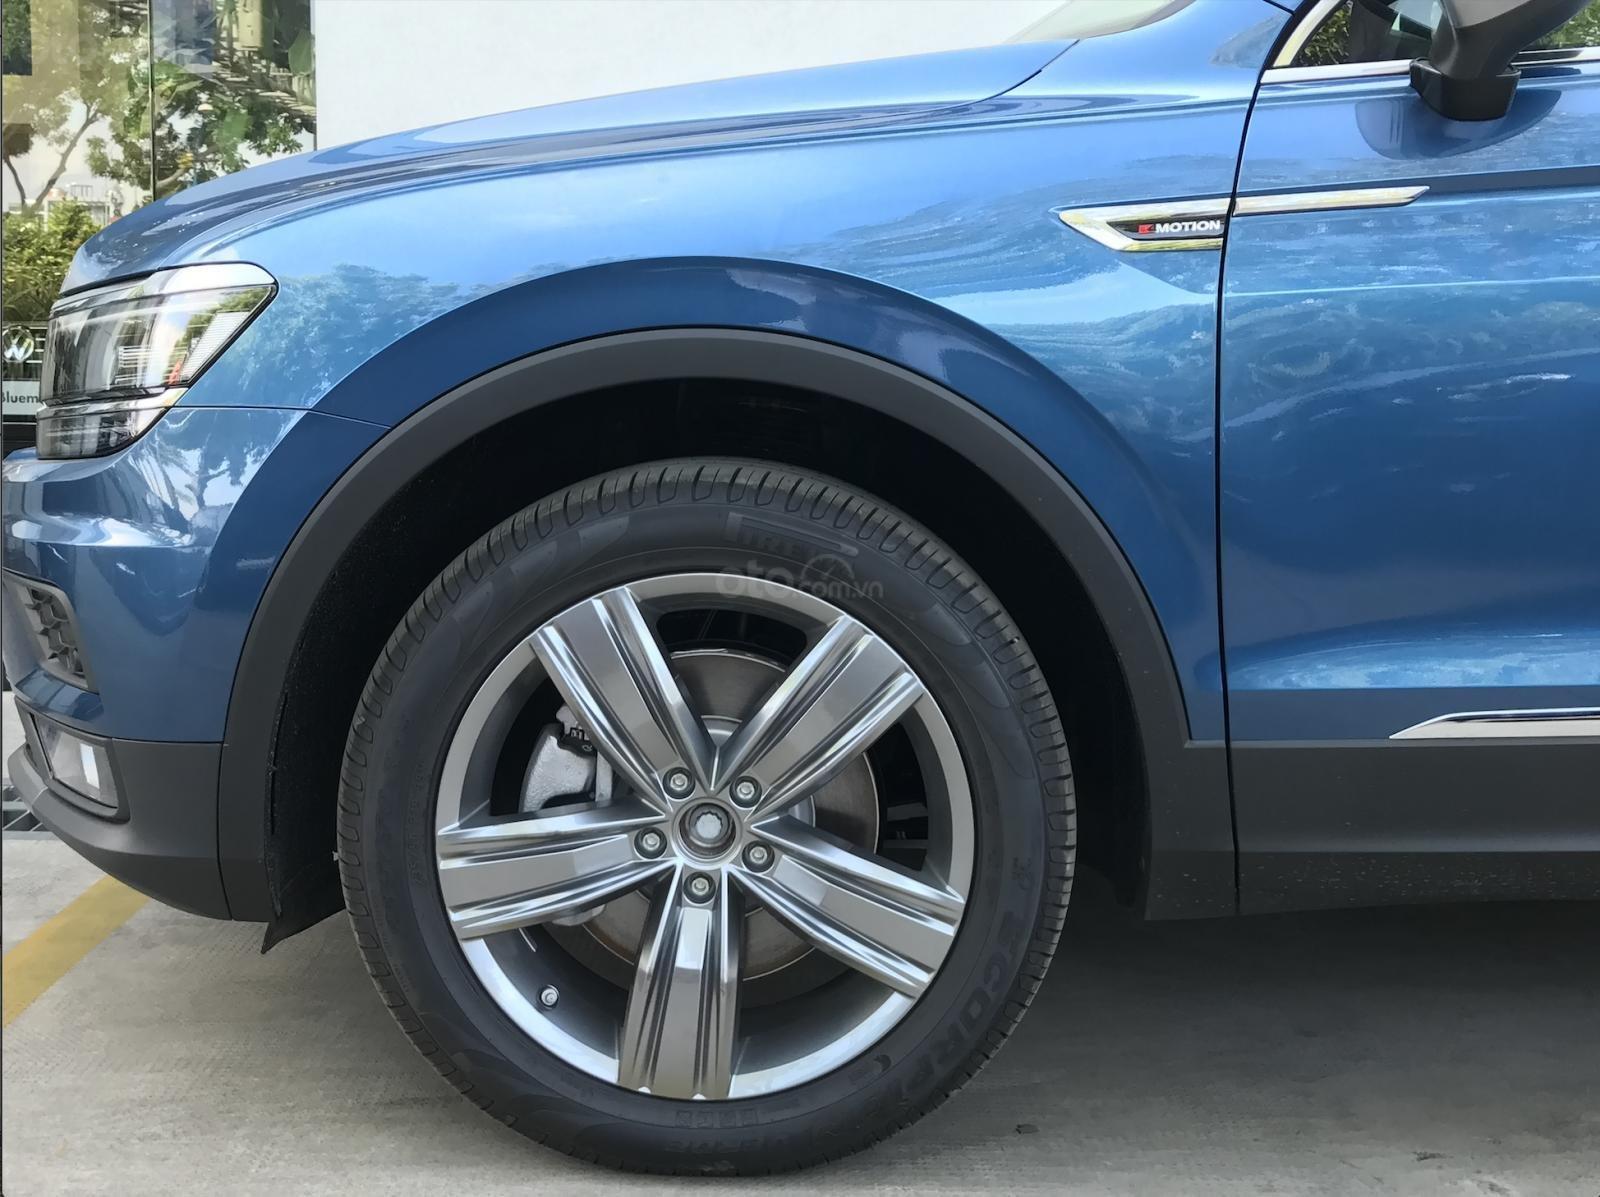 Volkswagen Tiguan Allspace - Xe Đức nhập khẩu - tháng 12 giảm giá sốc hơn 100 triệu kèm quà nhiều quà tặng giá trị (4)